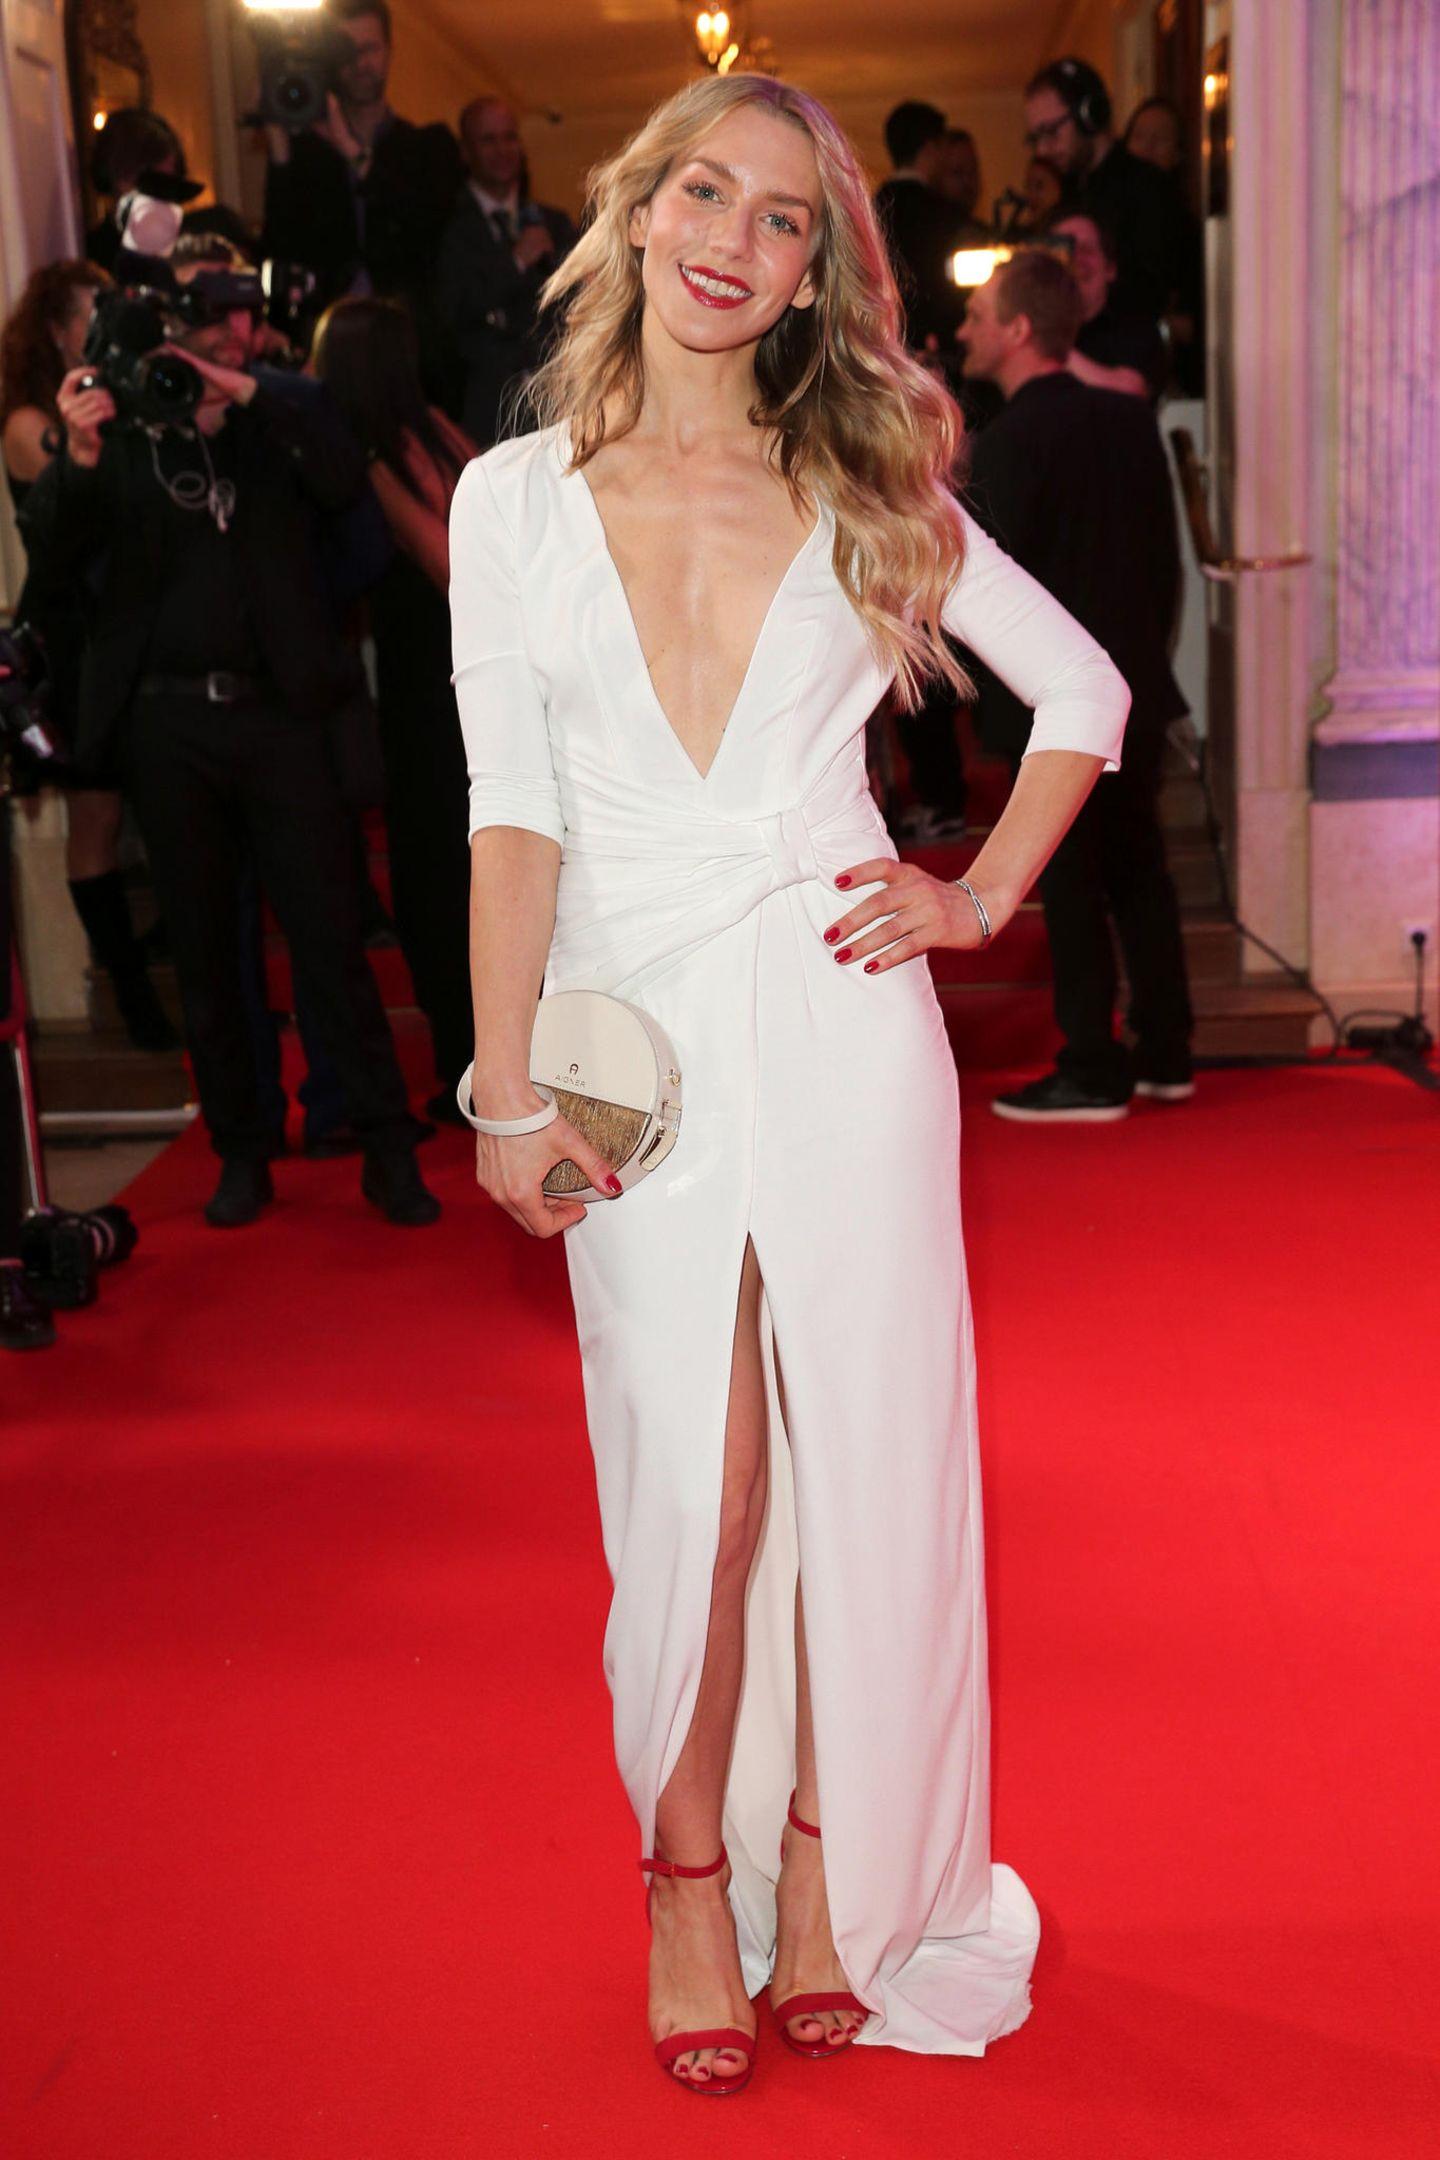 Strahlend schön in Weiß: Schauspielerin Julia Dietze im sexy Dress mit XXL-Ausschnitt von Aigner.